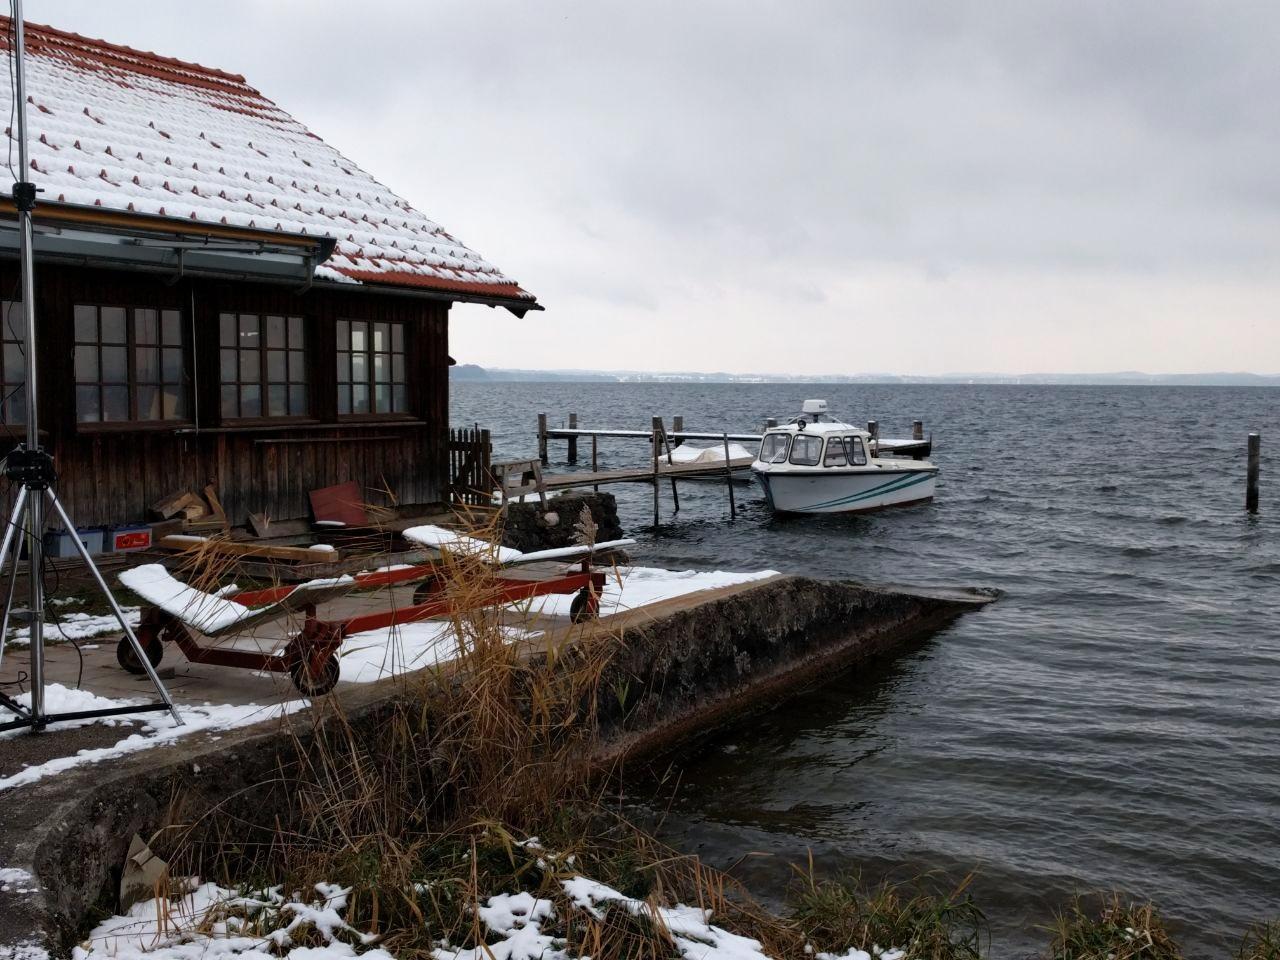 Fraueninsel na jeziorze Chiemsee, grudzień 2017